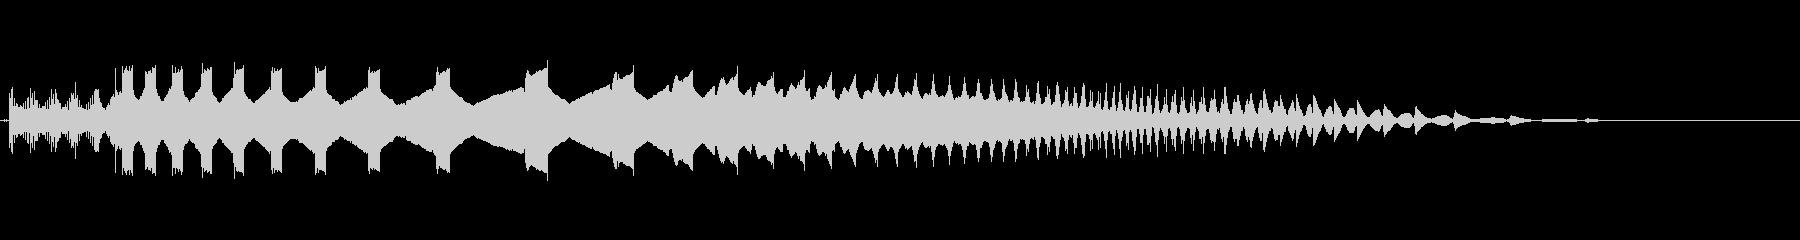 インターフェース画面6の未再生の波形